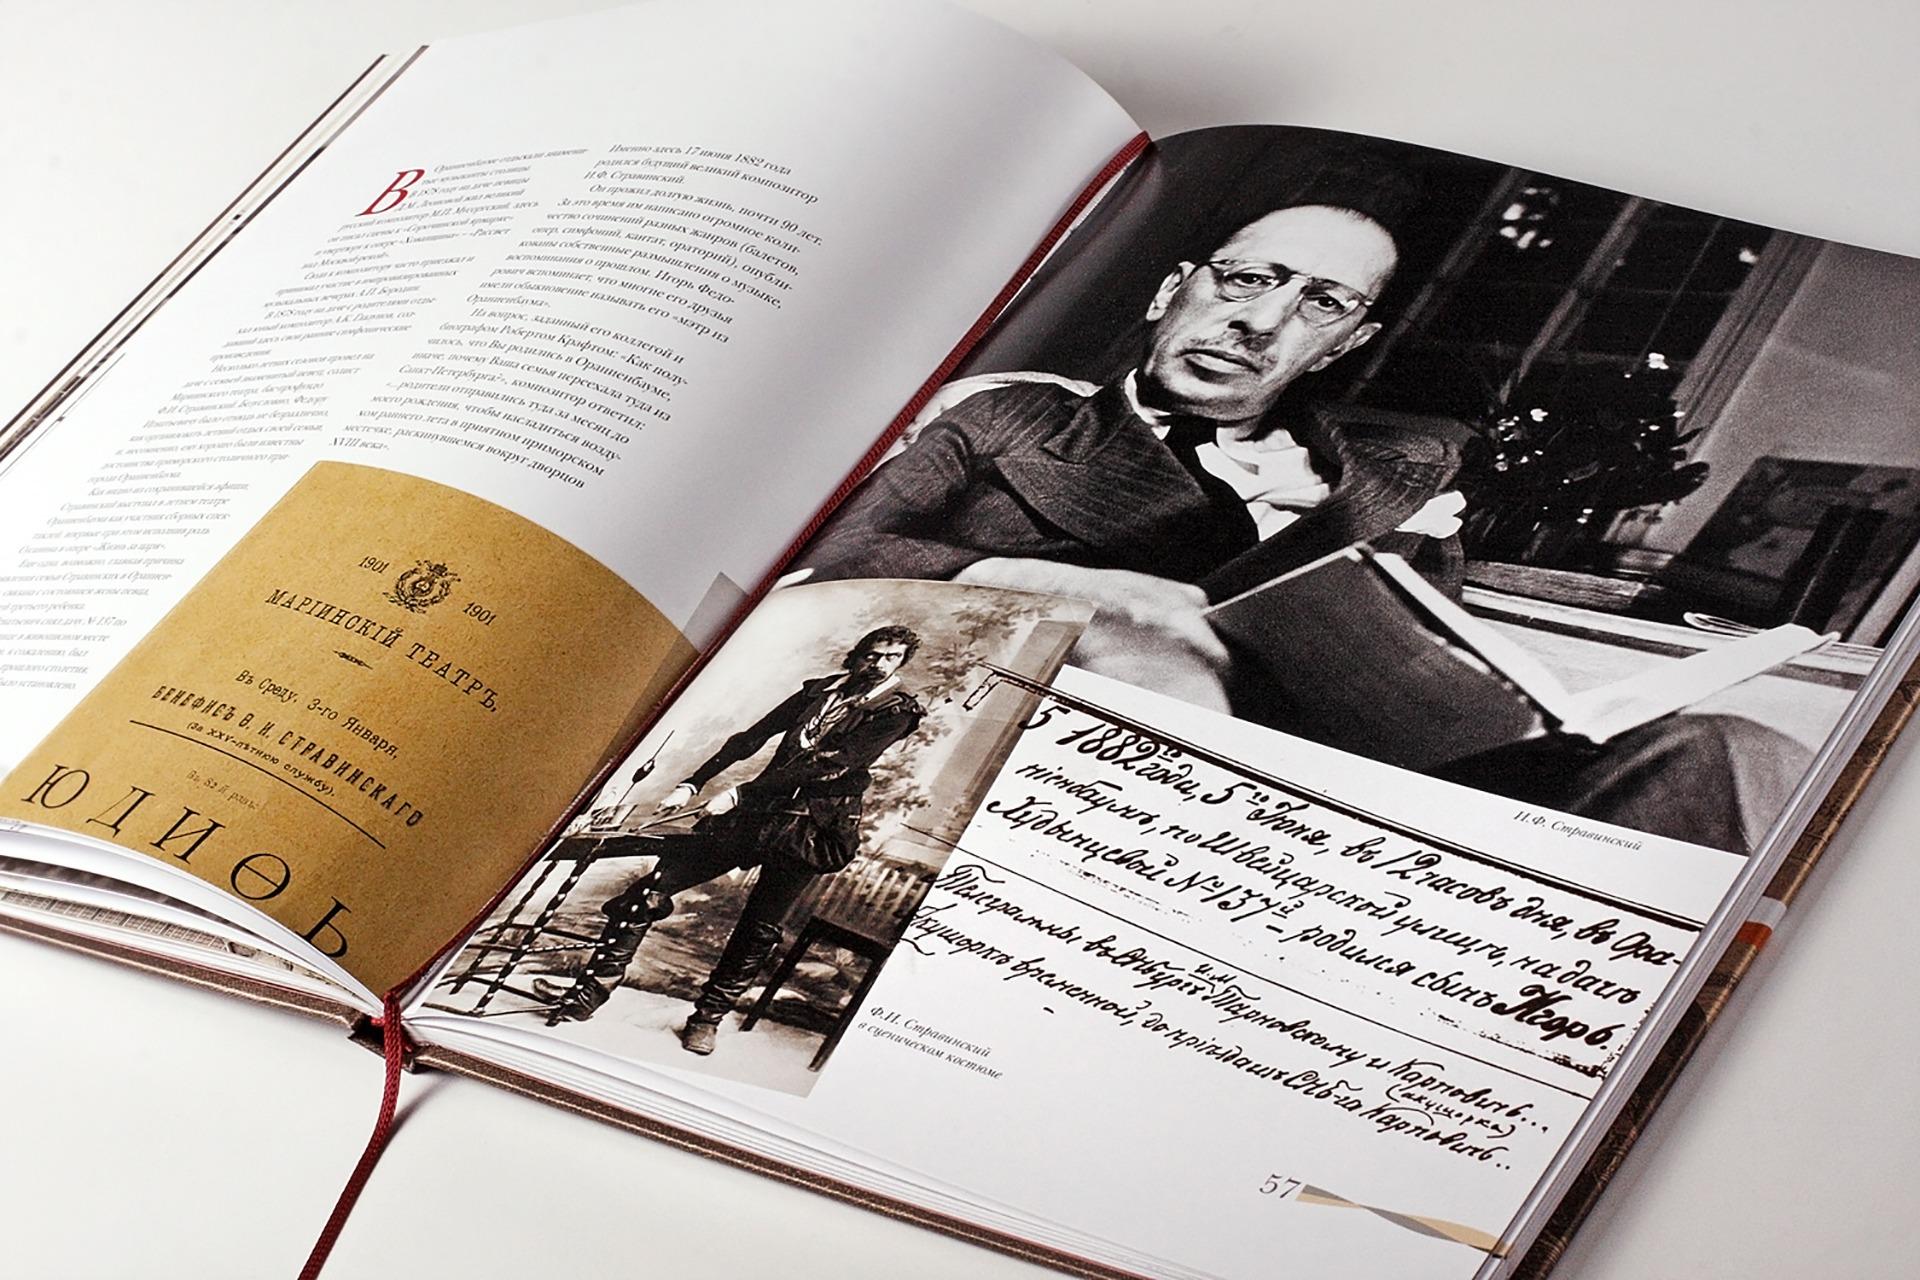 Asgard barnding, юбилейное издание, book design, подарочное издание, полиграфия